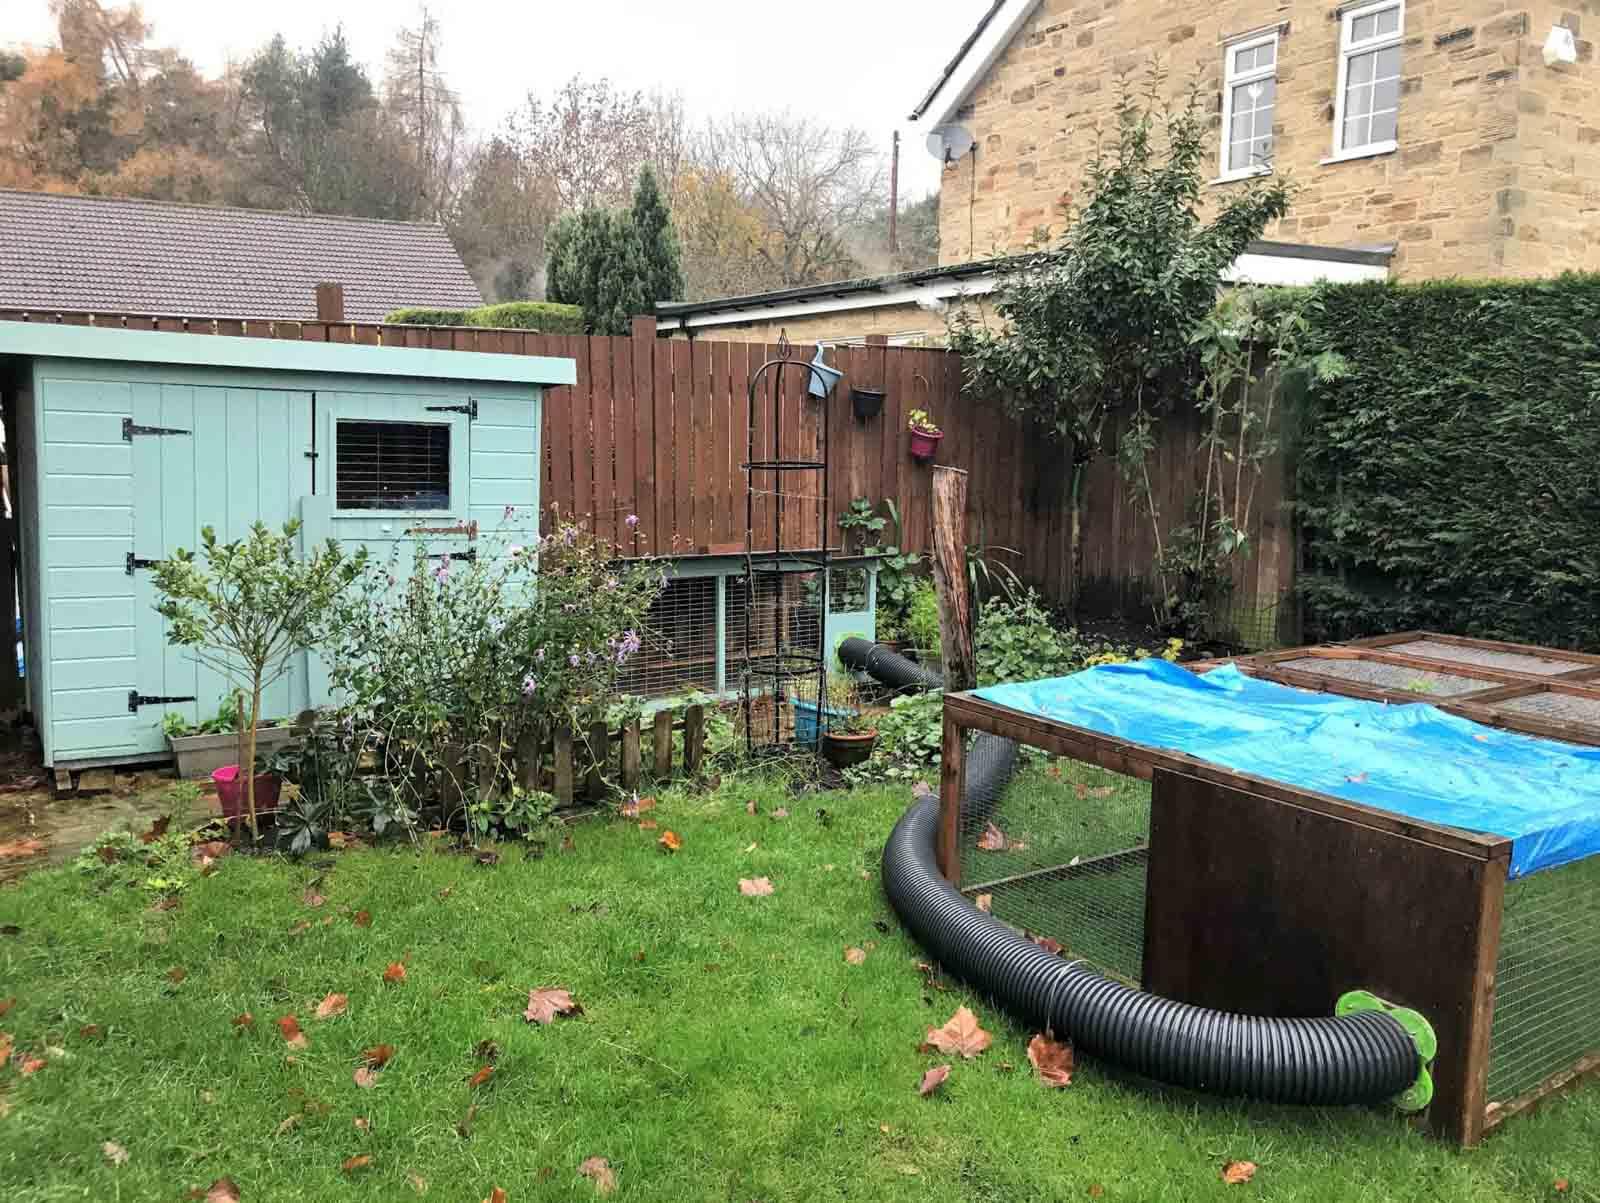 Idée d'installation abri et enclos pour lapin